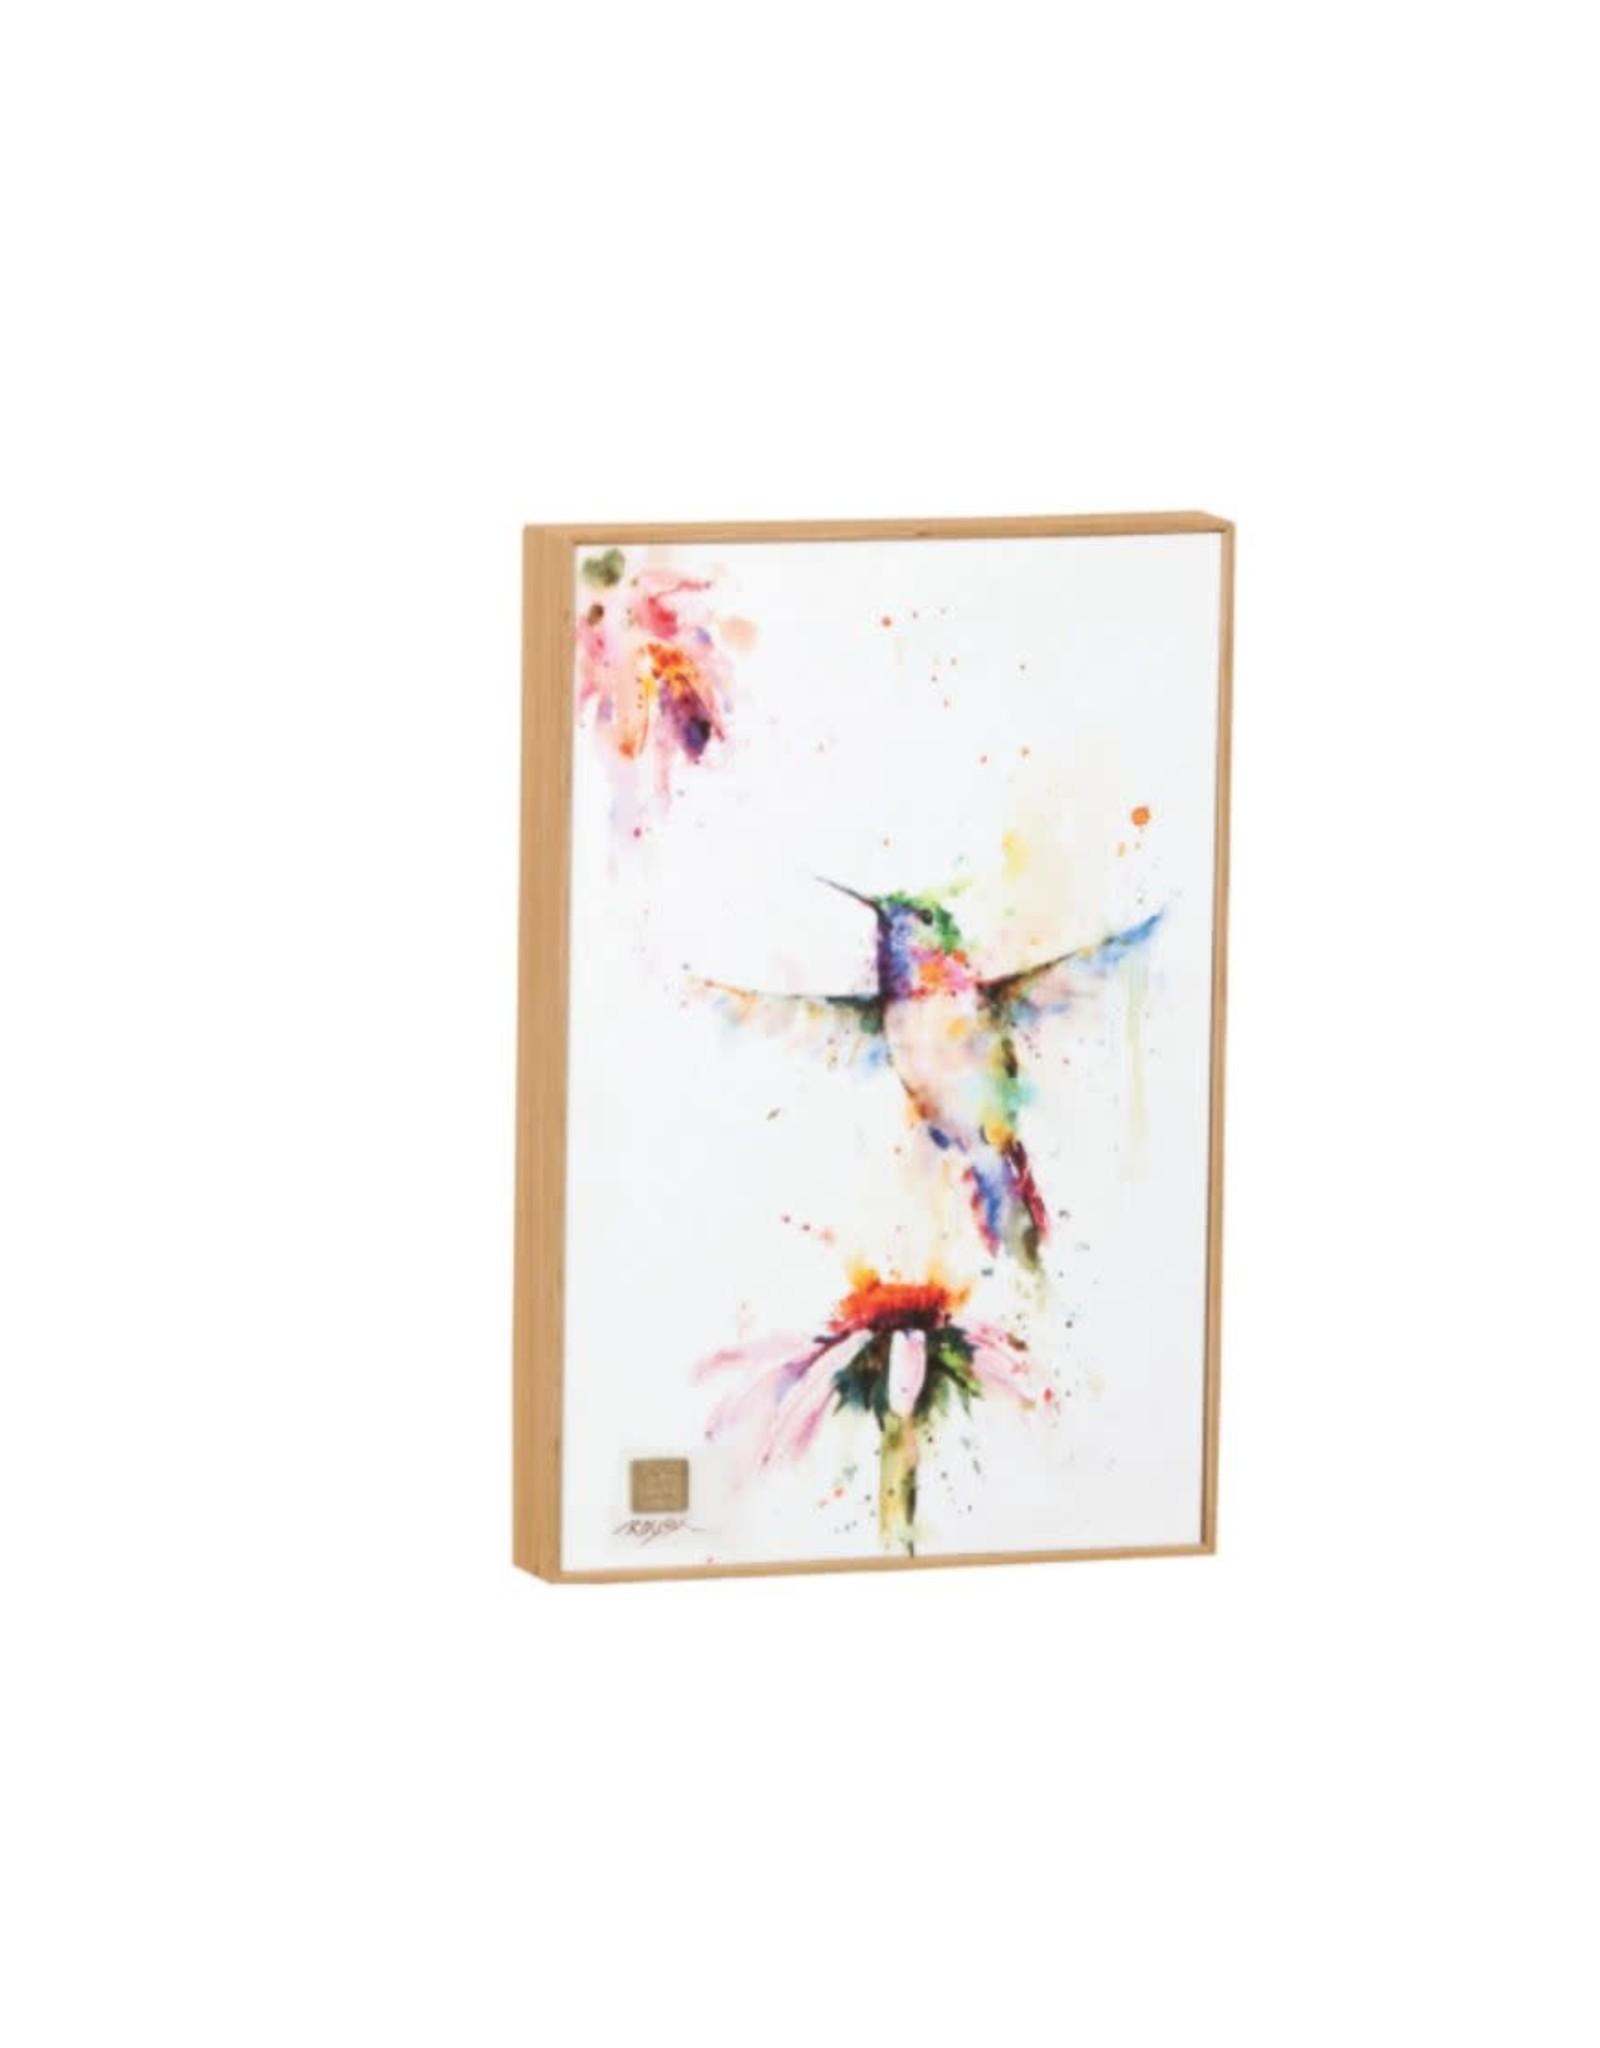 Demdaco WALL ART PEEWEE HUMMINGBIRD